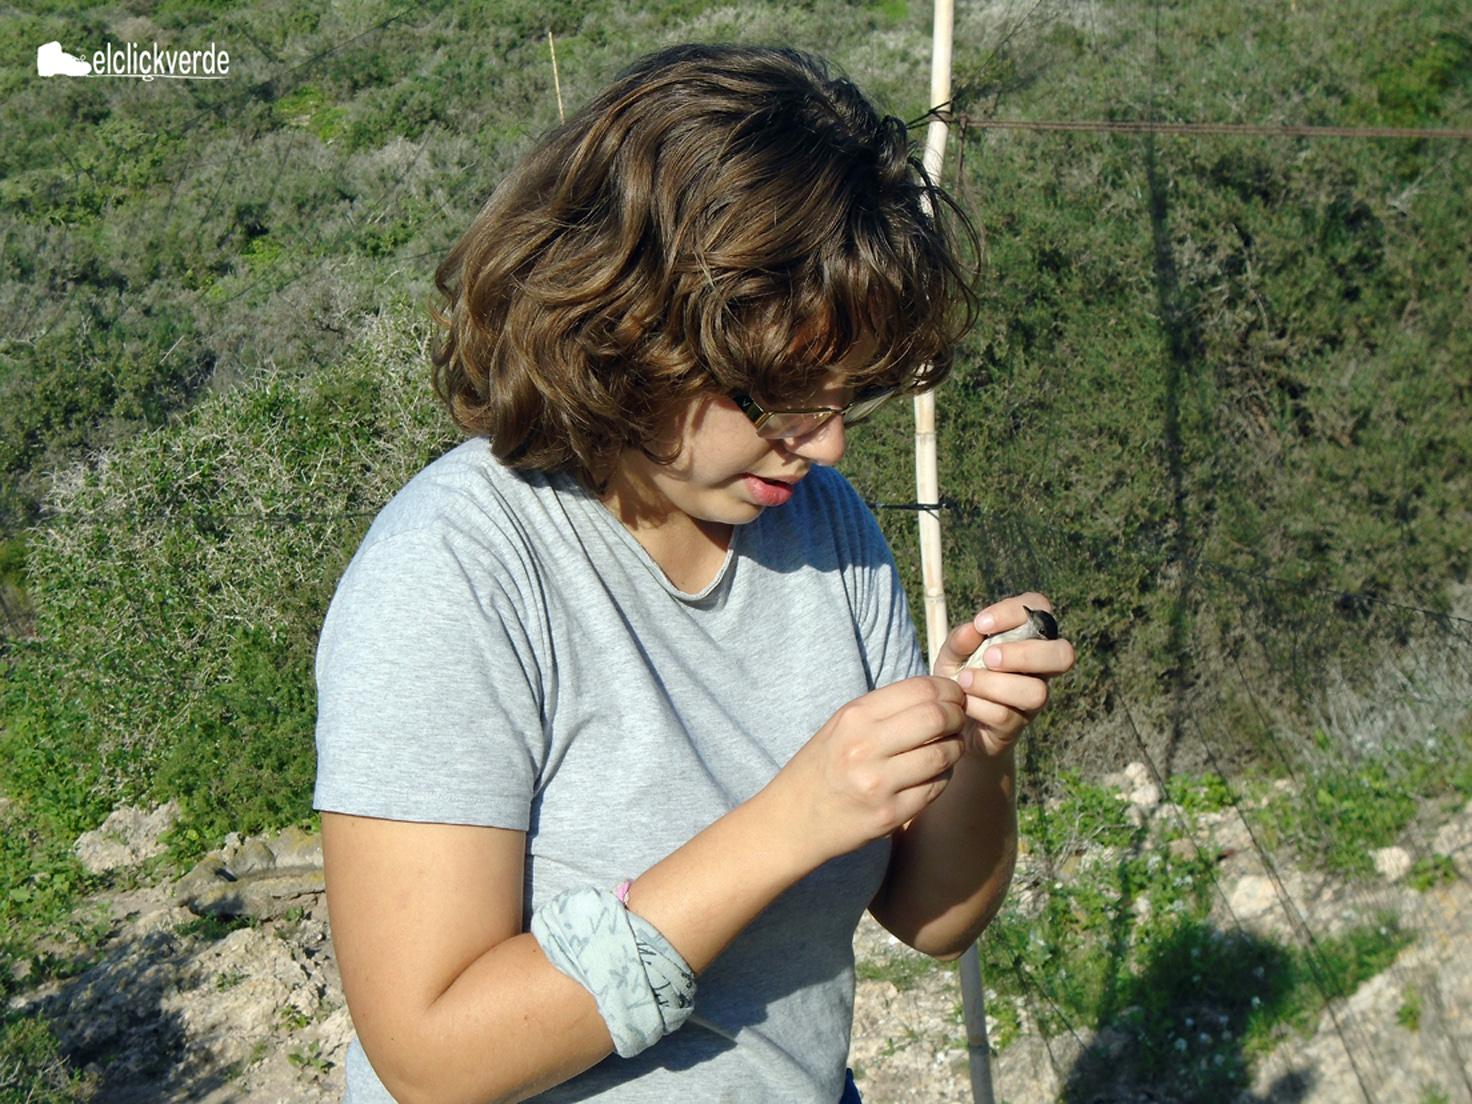 La voluntaria Ana Jara lee la anilla de un pájaro tras soltarlo de la red.